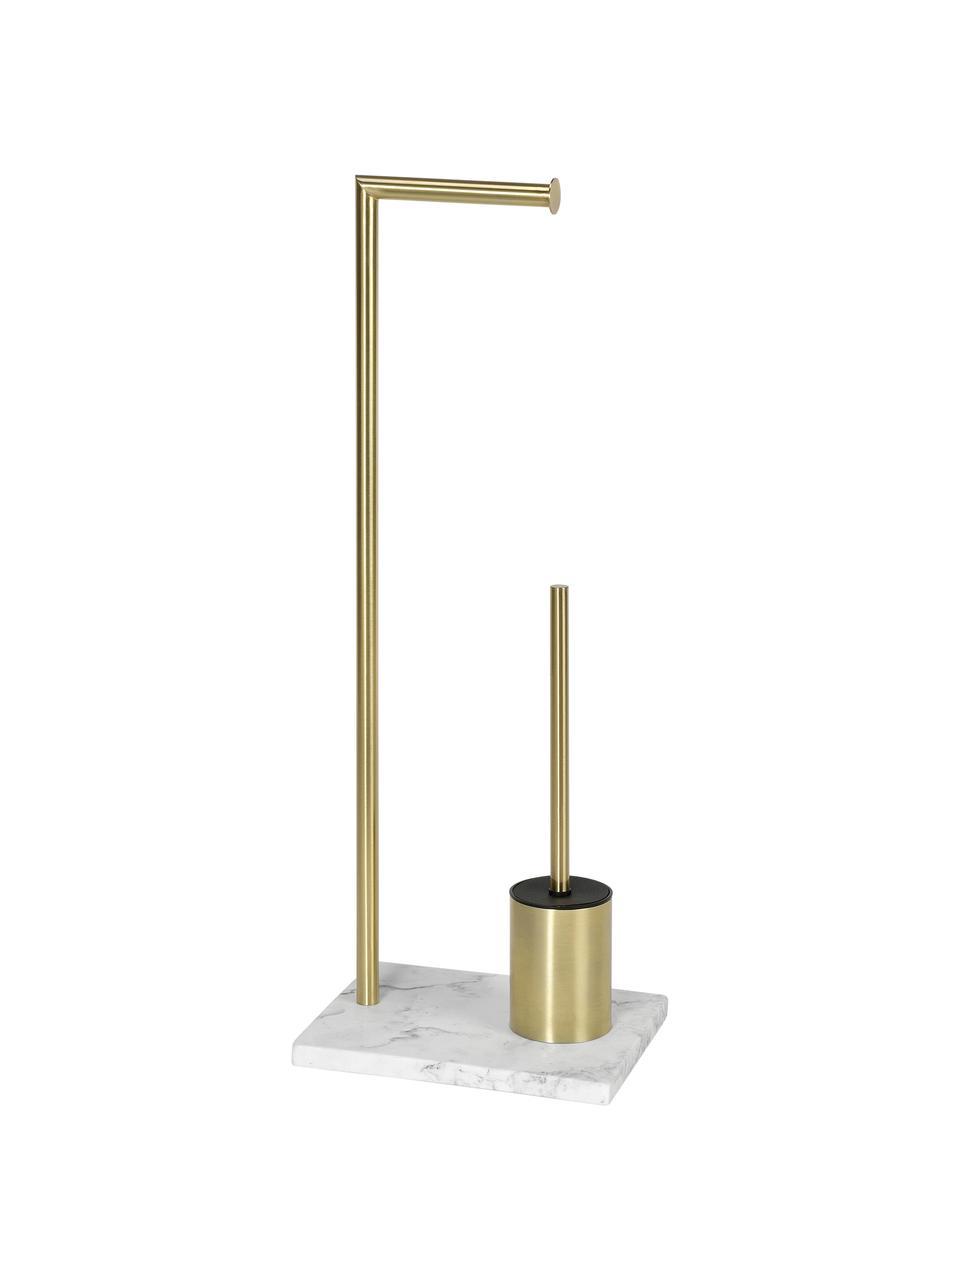 Toilettenpapierhalter Albany mit Toilettenbürste, Halter: Metall, beschichtet, Messingfarben, Weiß, 27 x 73 cm